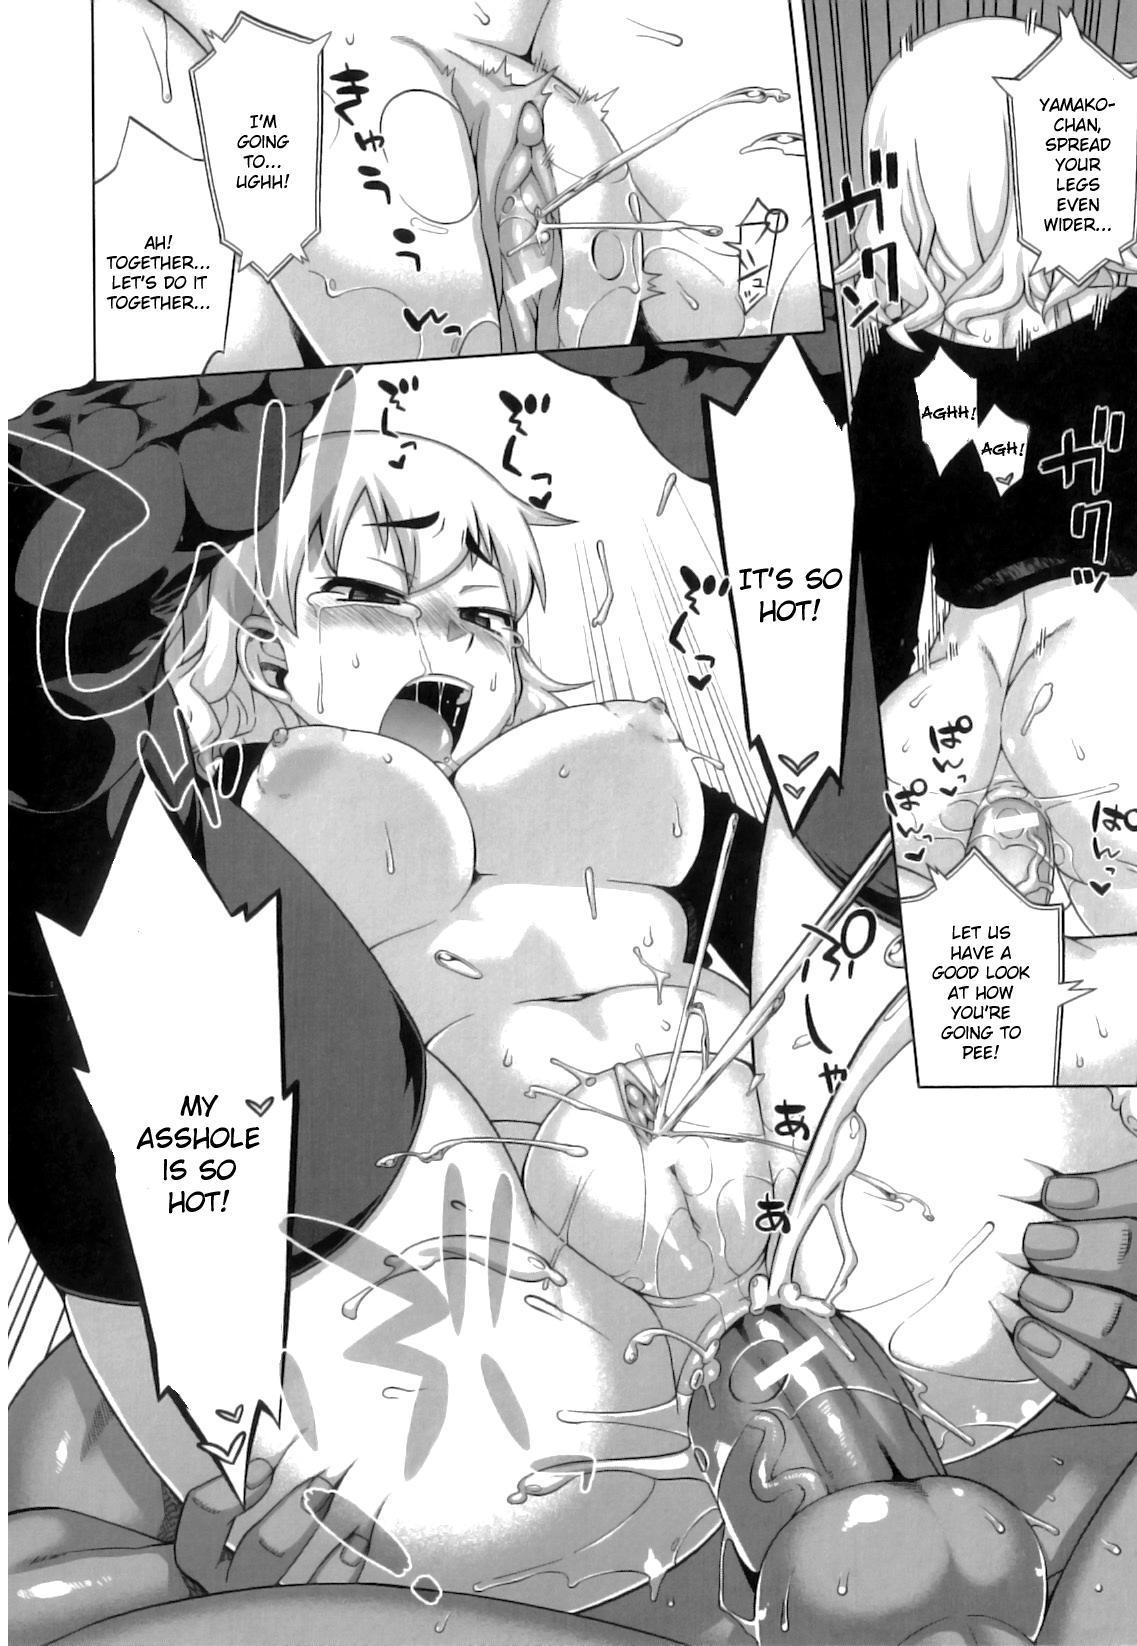 [Takatsu] DH! ~Himorogi Hyaku Yome Gatari~ | Demon-Hentai! - Shrine of One Hundred Wives [English] {doujin-moe.us} 57